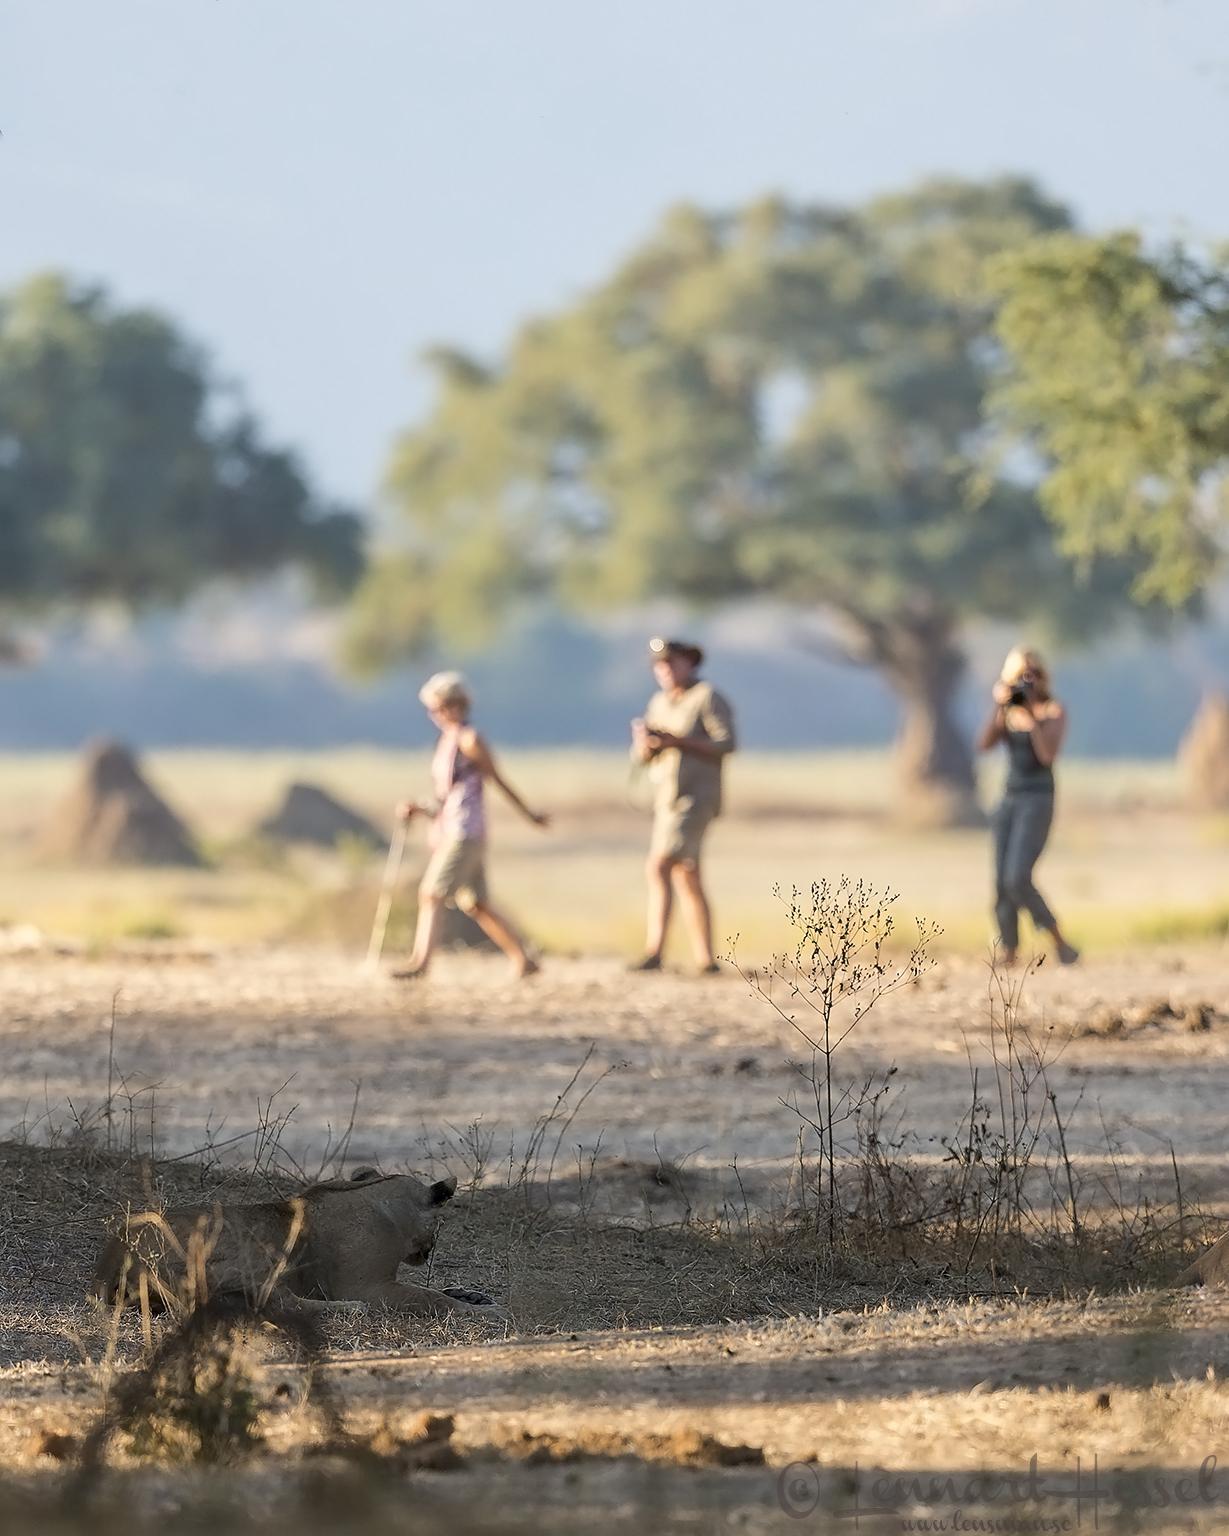 Lioness at a game walk Mana Pools National Park, Zimbabwe walking